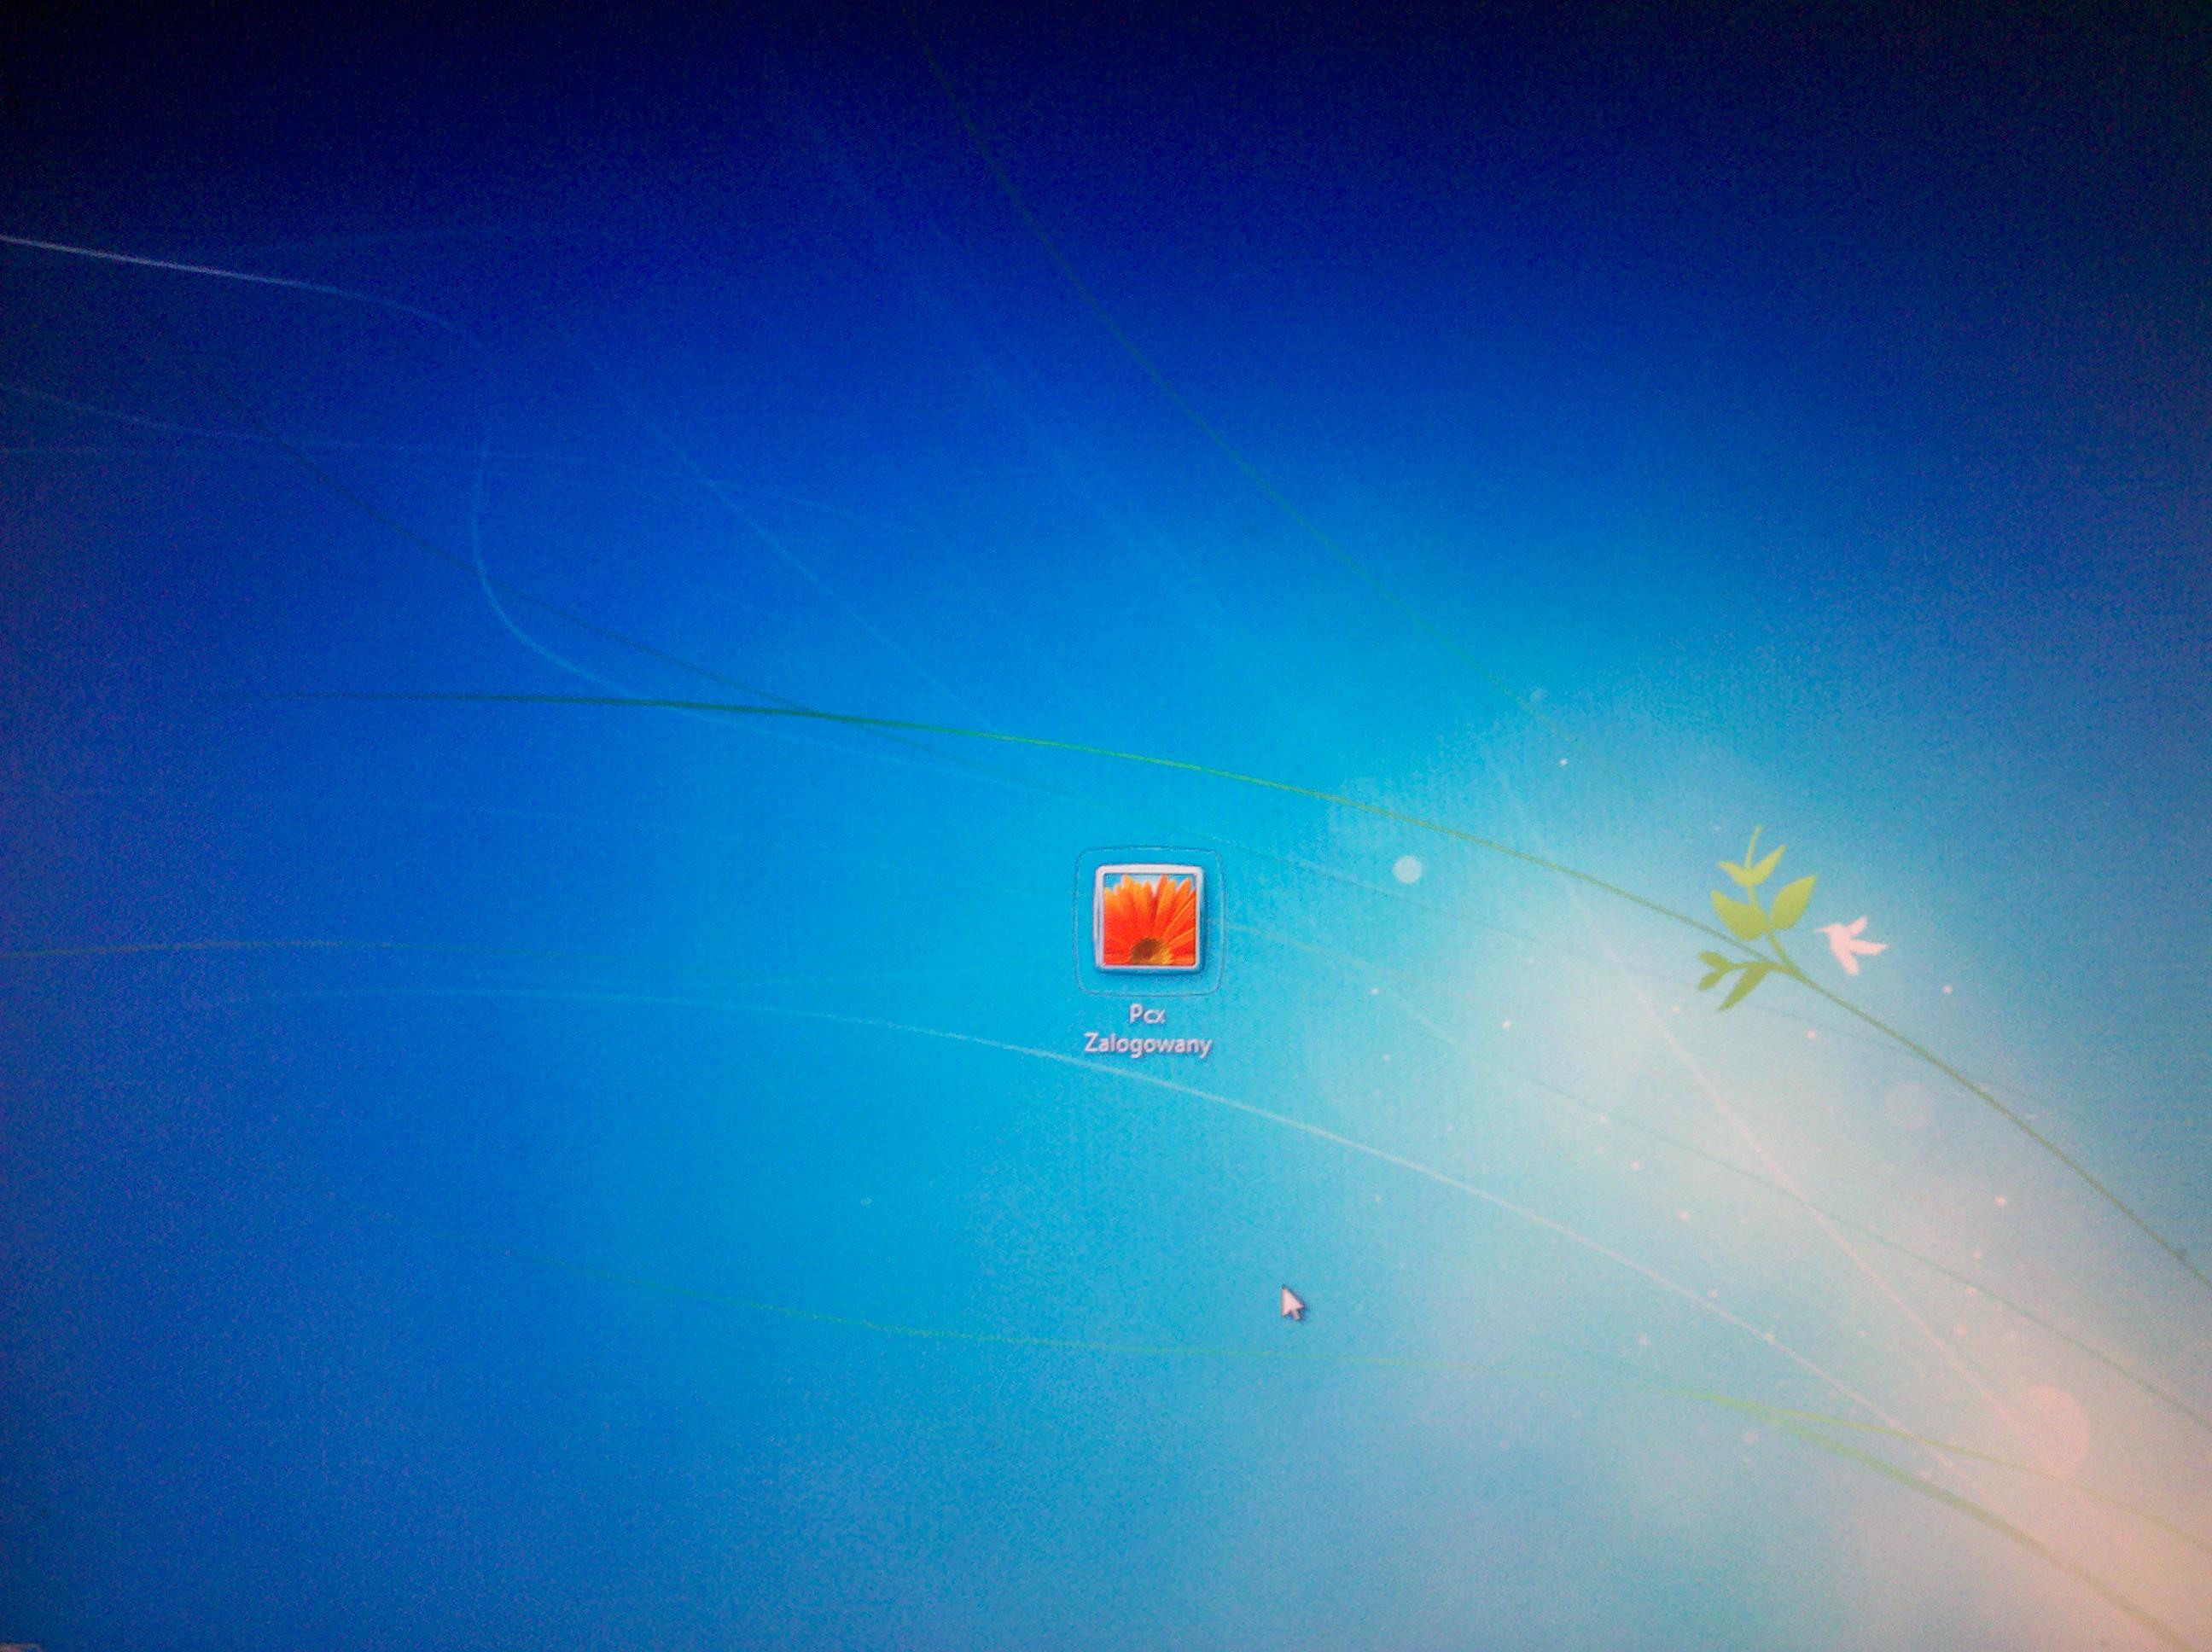 Ekran logowania windows 7 - Wy�aczenie ekranu logowania po wybudzeniu komputera.